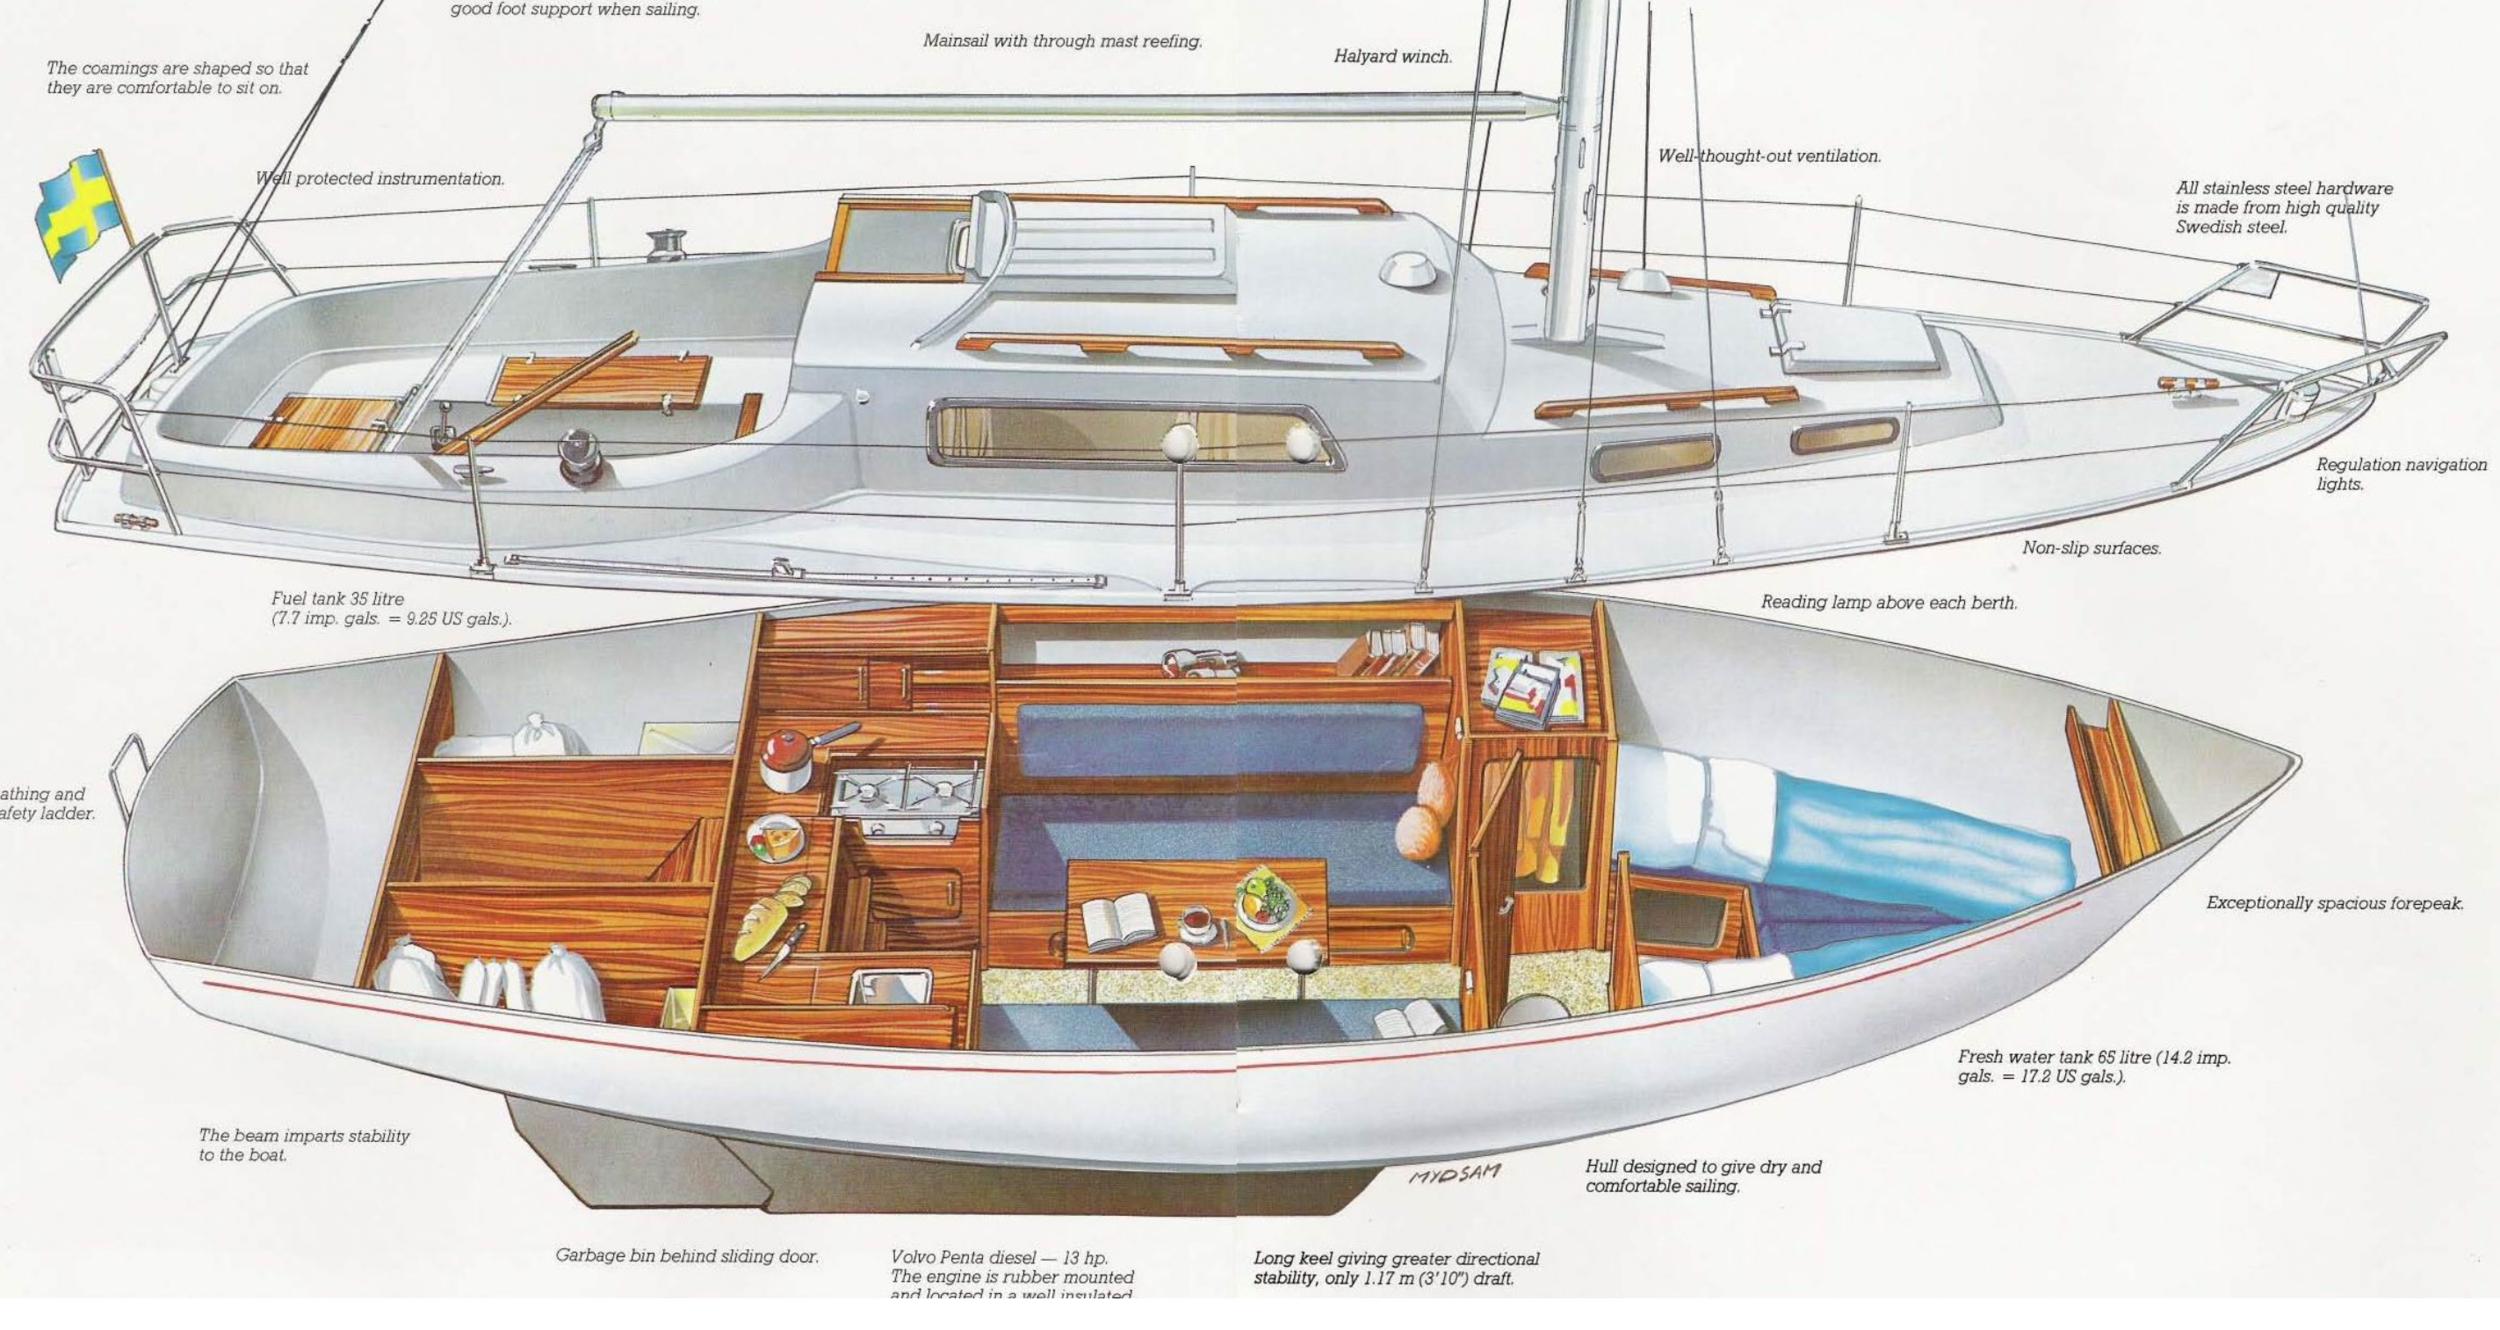 An industrial Success from Sweden - Over 3400 Albin Vegas were built.